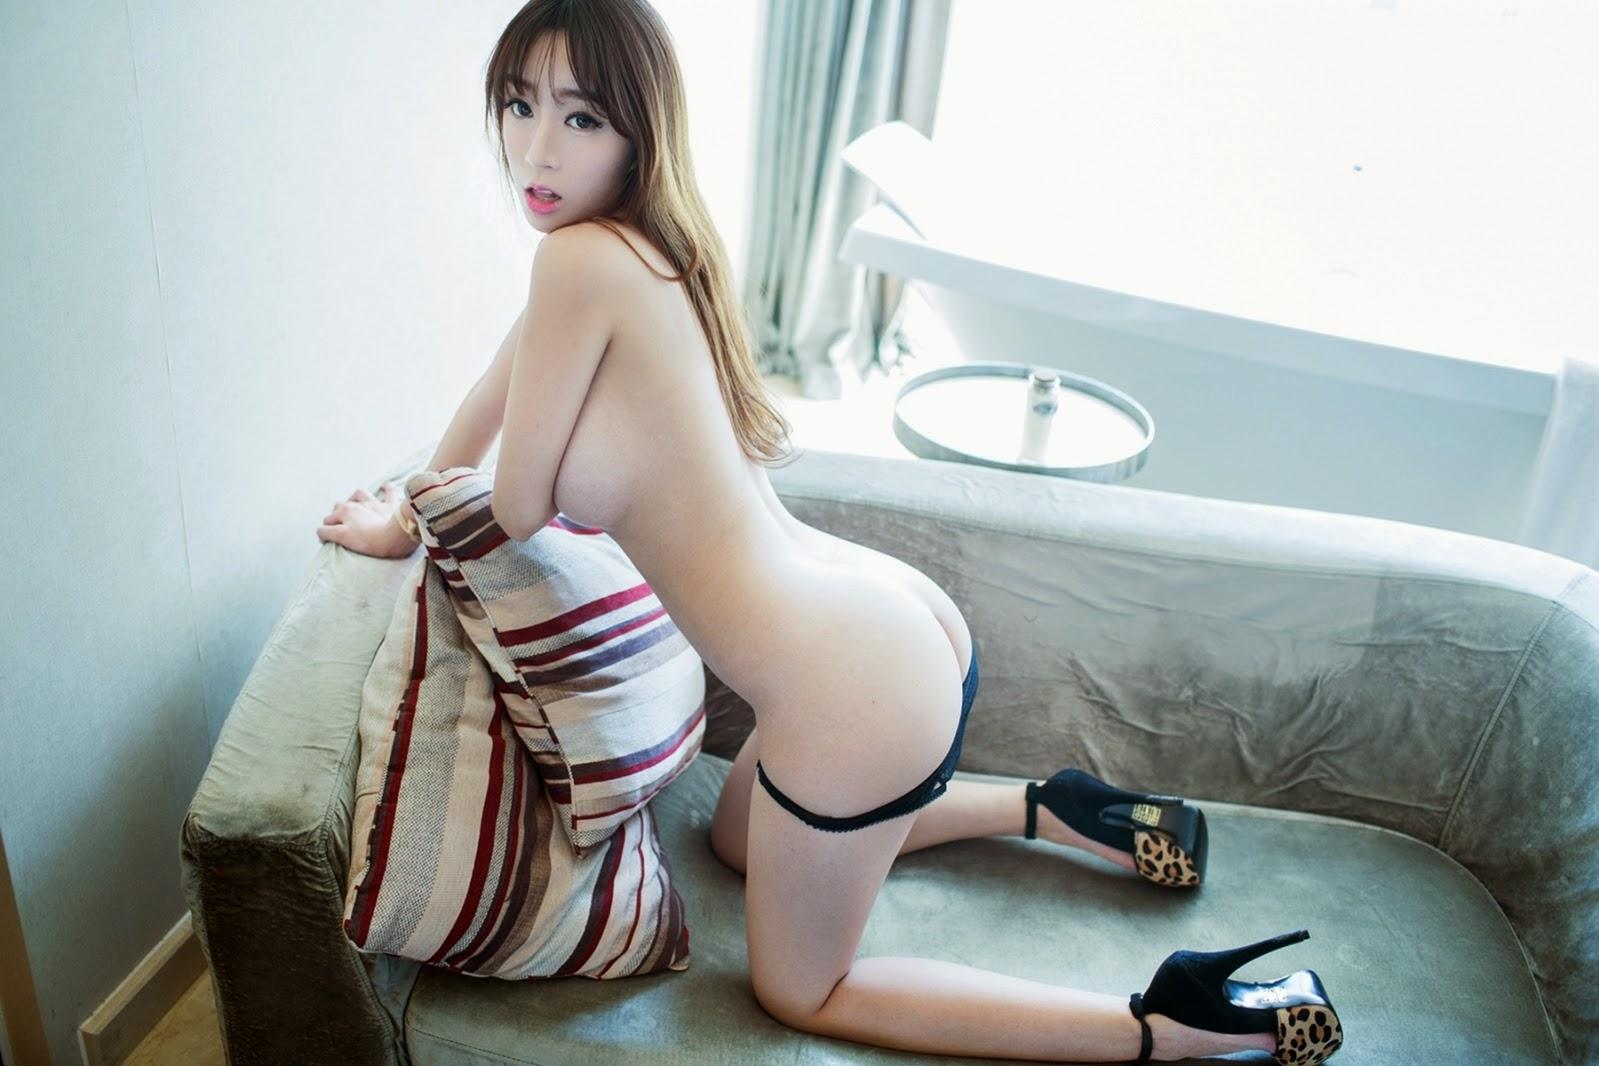 Wang Yuchun